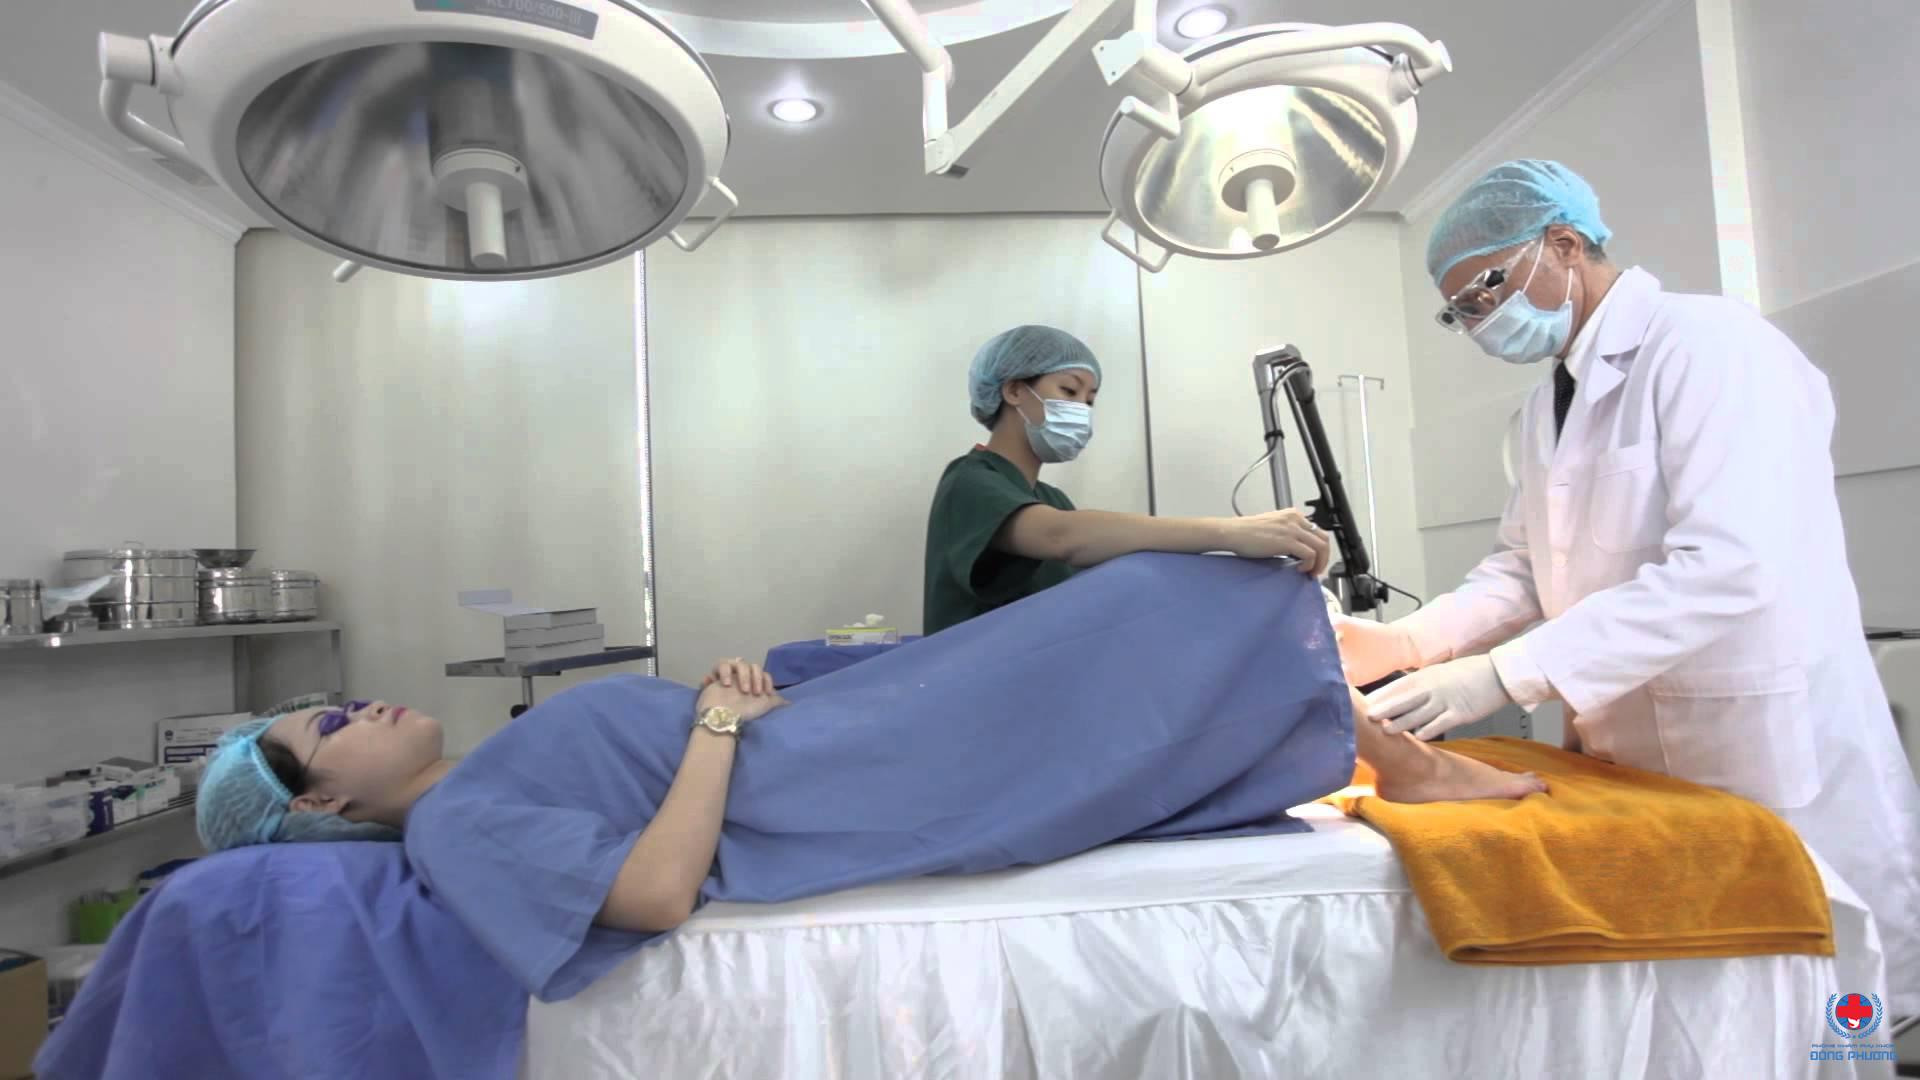 Đốt laser được áp dụng trong cấp độ 3 của bệnh